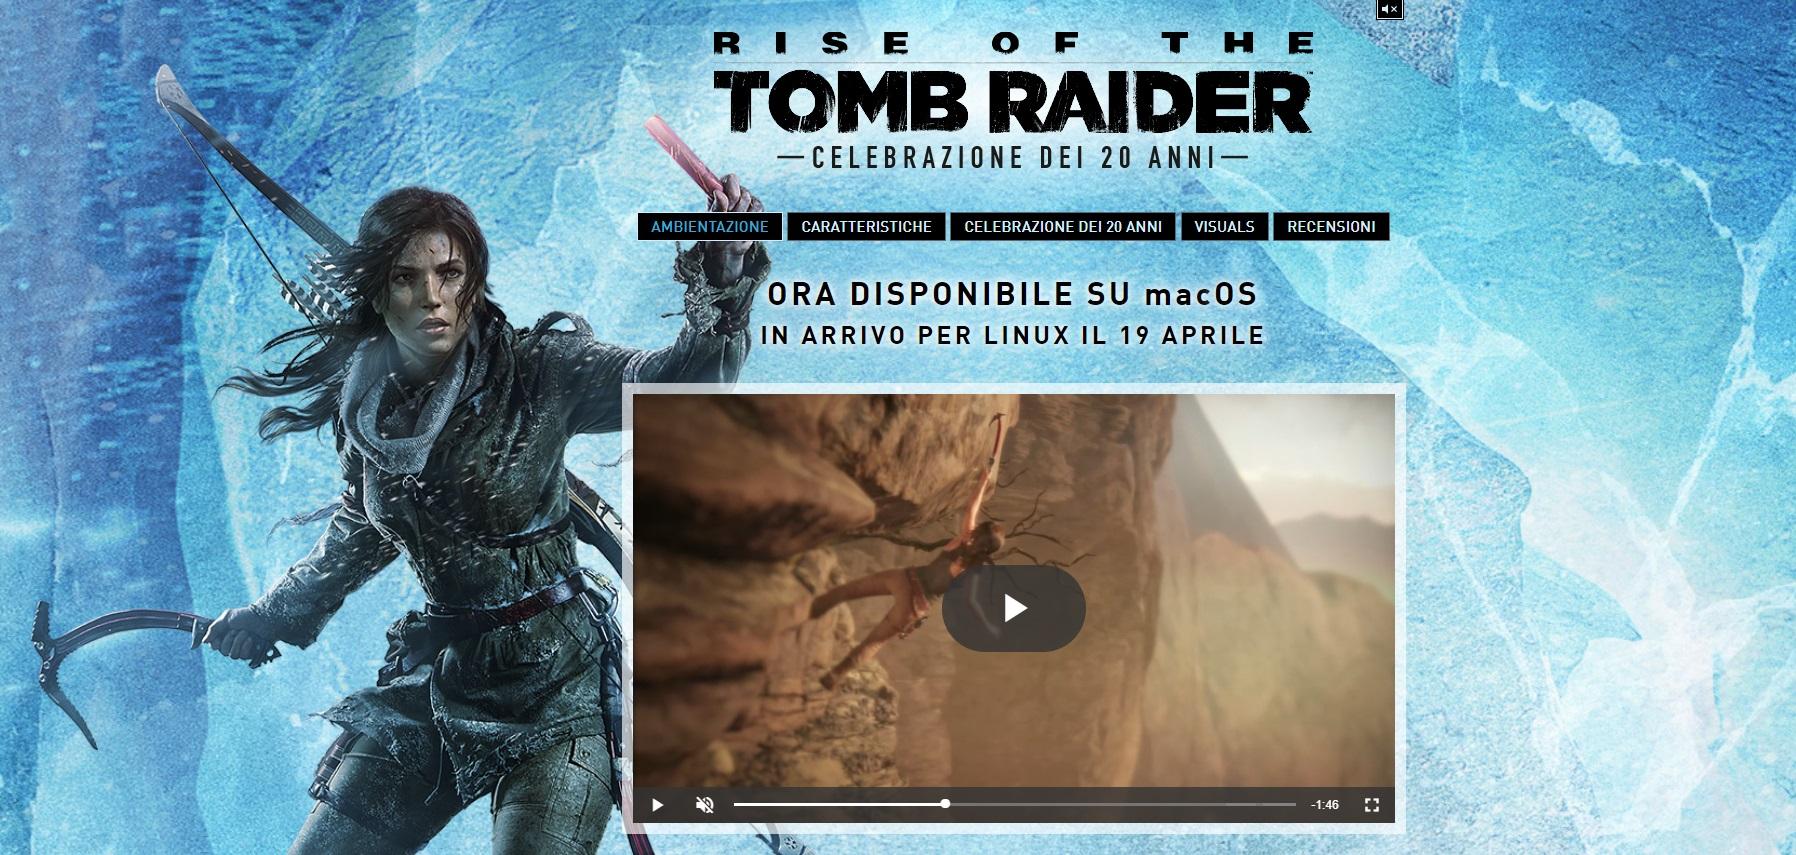 Rise of the Tomb Raider è ora disponibile per mac OS e Linux!